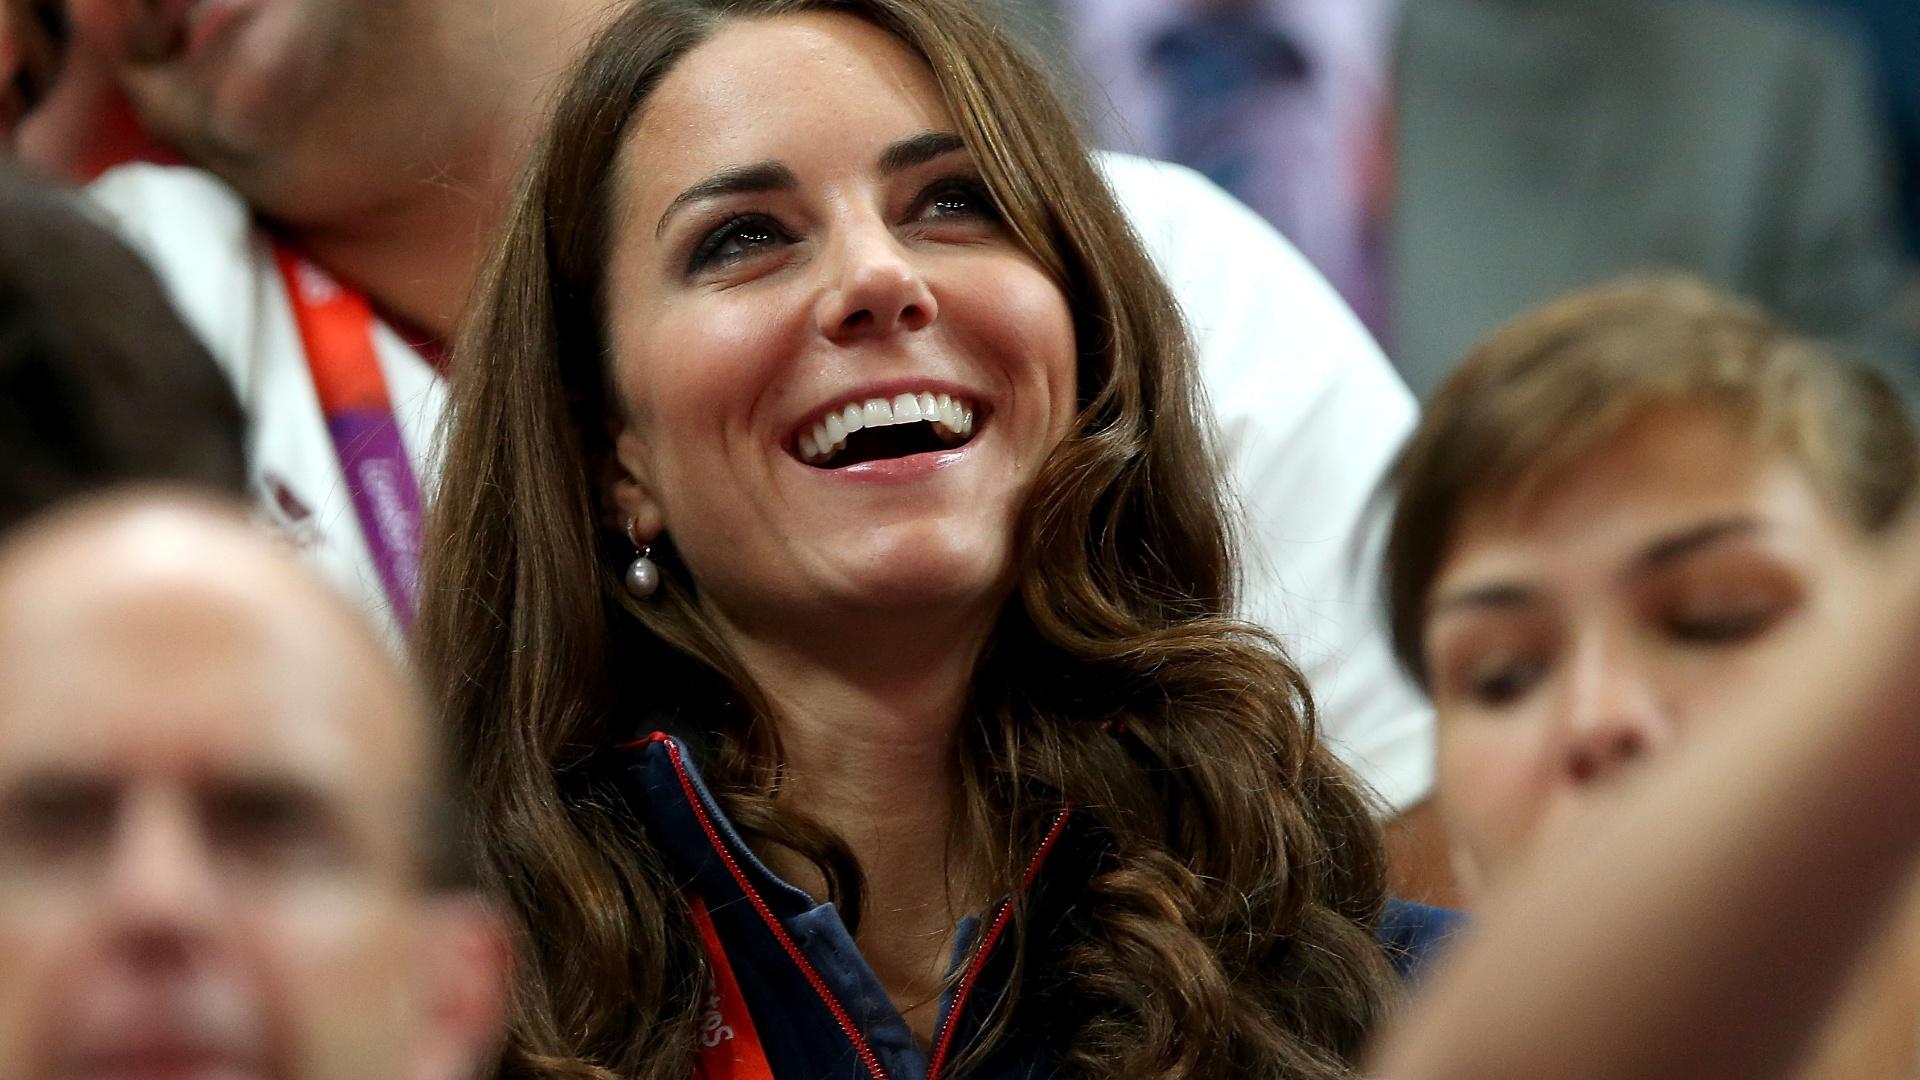 Kate Middleton, a duquesa de Cambridge, assiste ao primeiro dia de finais por aparelhos da ginástica artística na Arena Greenwich, em Londres